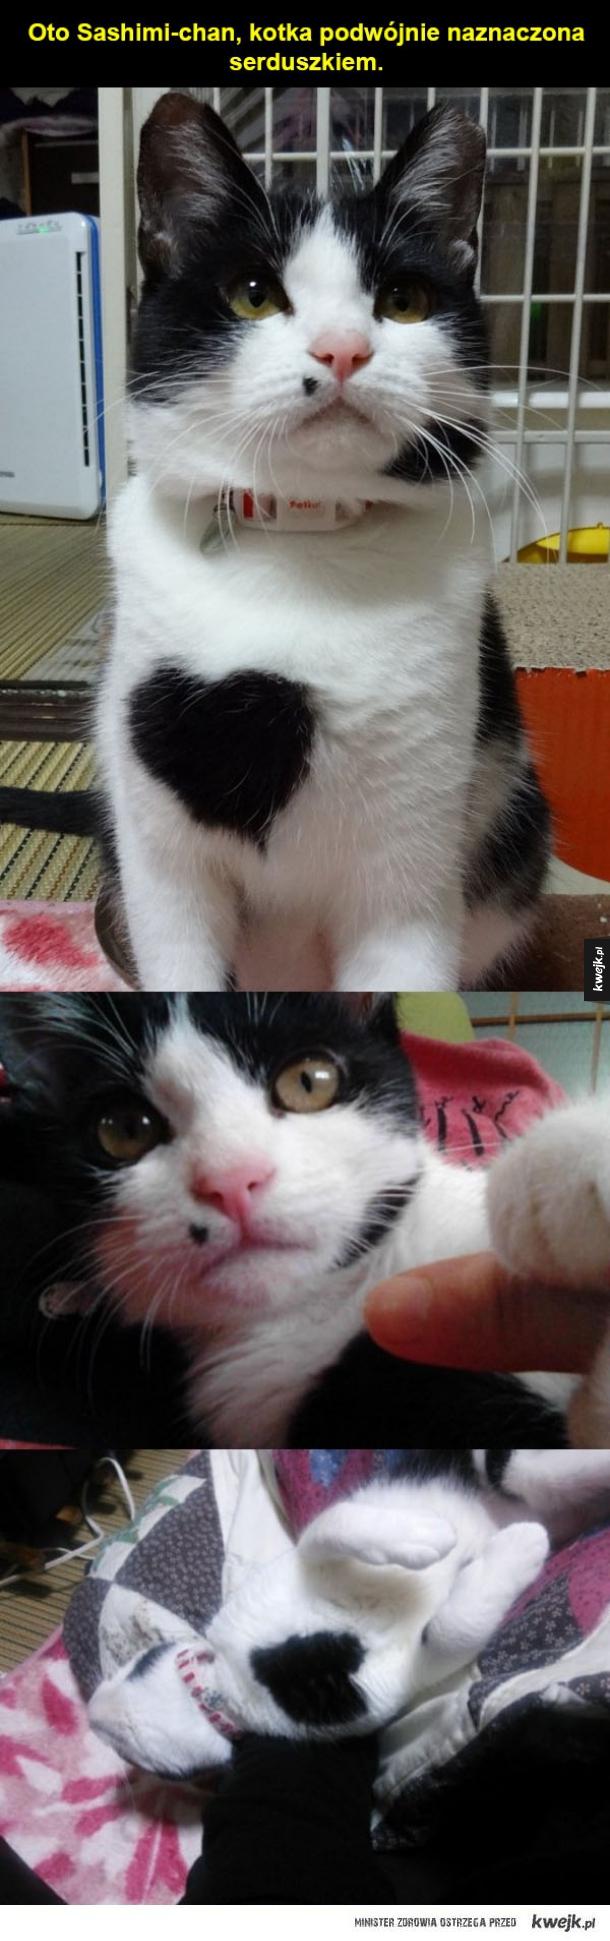 Słodka koteczka z nietypowymi łatkami